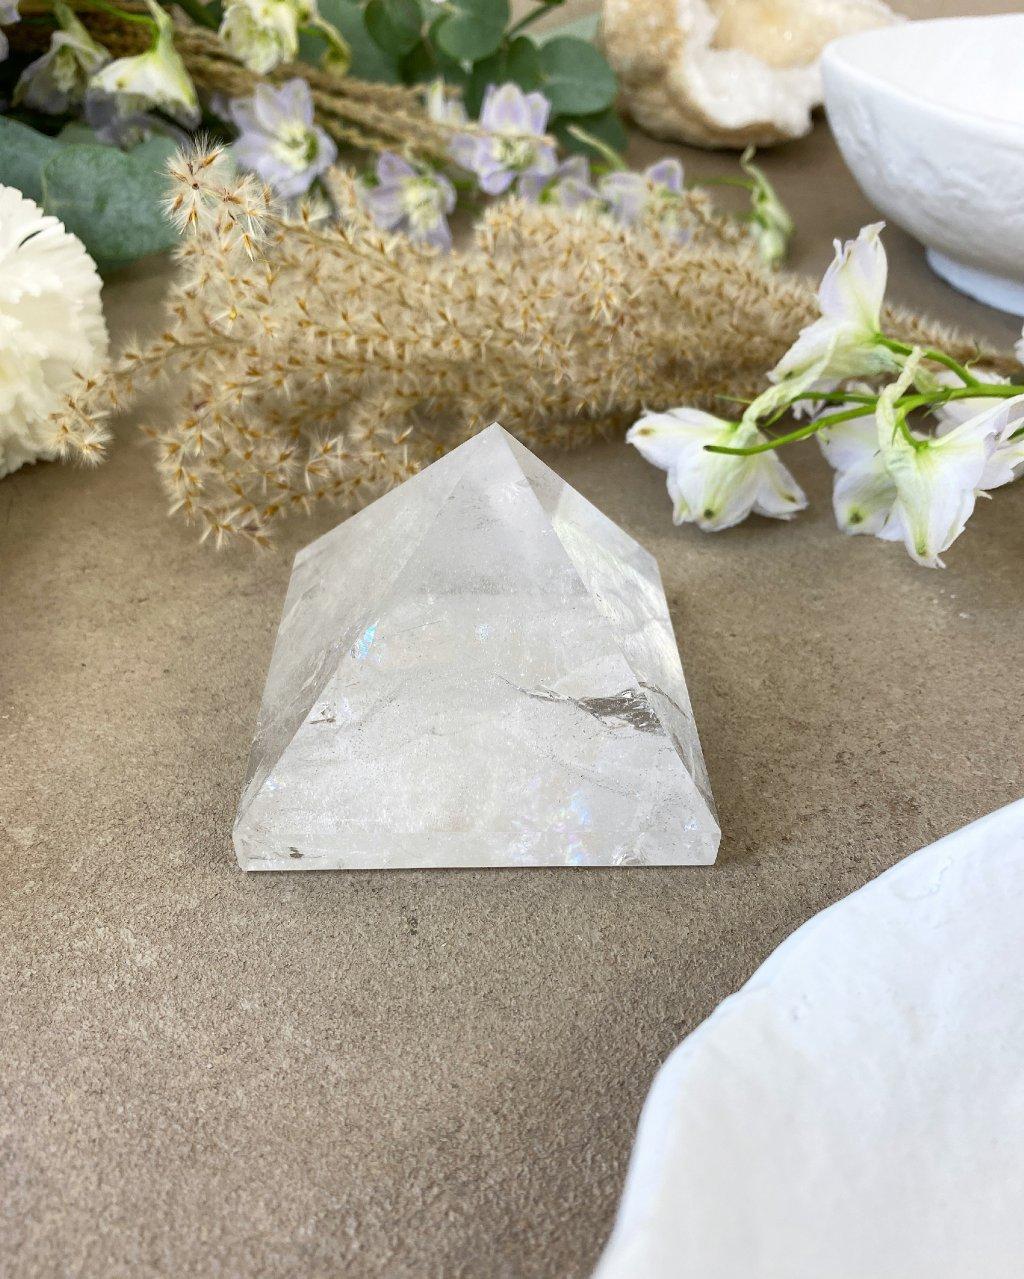 Křišťál pyramida broušená 7cm Brazílie 291g